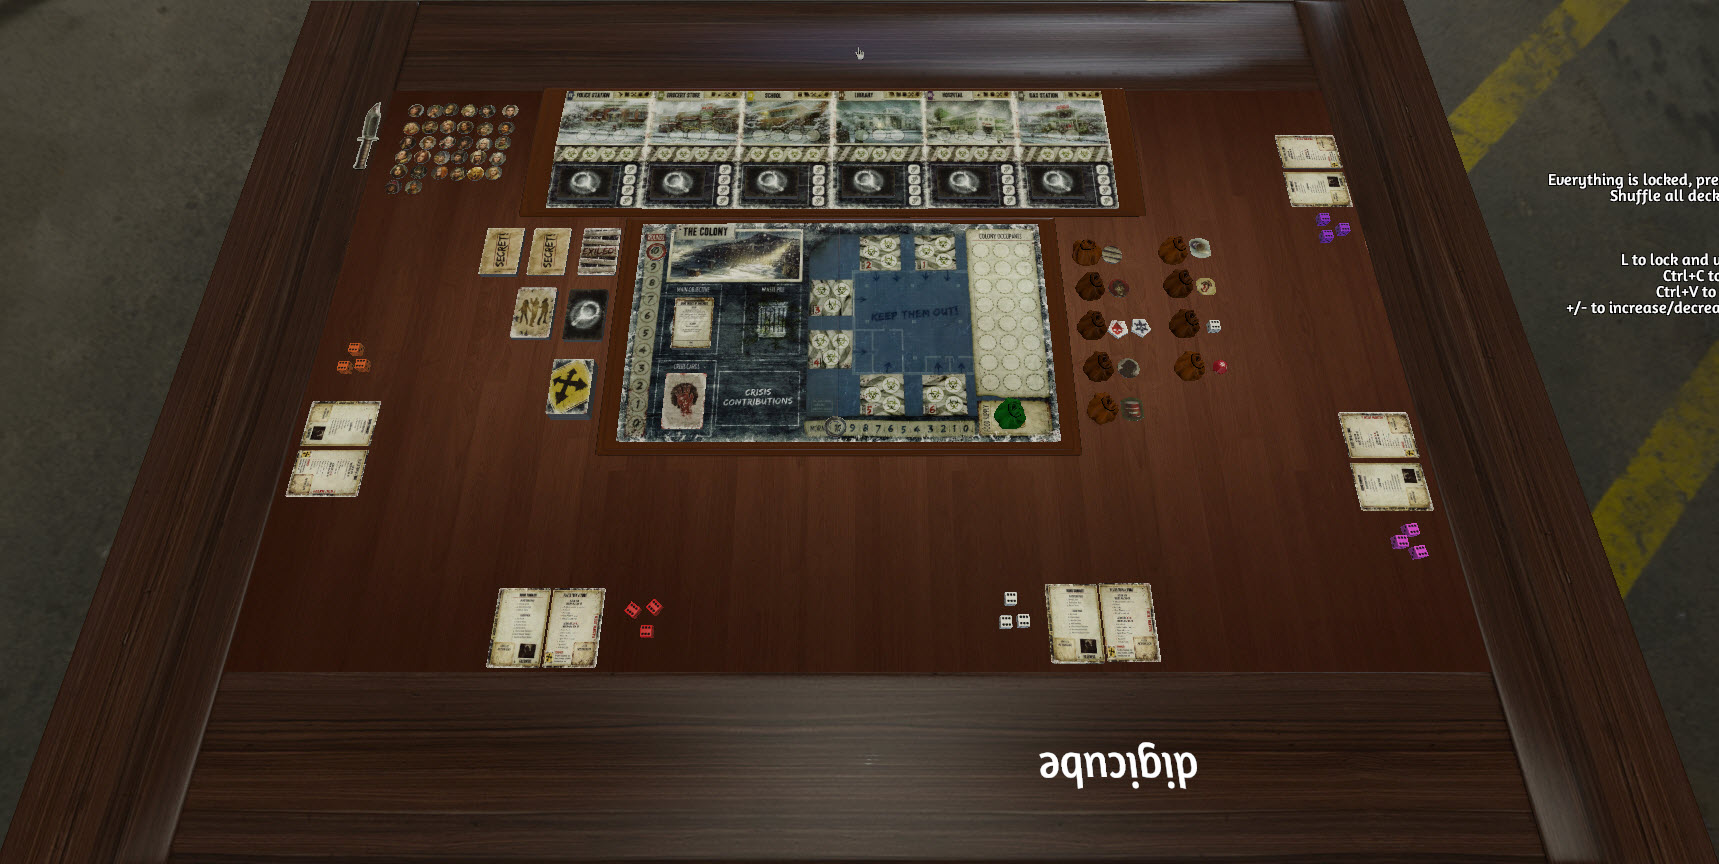 """Dead of Winter in Tabletop Simulator """"width ="""" 600 """"height ="""" 302 """"/> </p></noscript> <p> <strong> Dead of Winter </strong> ti porterà nel bel mezzo della <strong> pandemia di zombi </strong>. In questo popolare titolo <strong> semi-cooperativo </strong> dovrai unirti al tuo gruppo di amici per ottenere risorse, armi e, naturalmente, sopravvivere agli zombi. Ogni giocatore avrà un <strong> obiettivo nascosto </strong> per poter vincere, questo sarà segreto ed è fondamentale affinché i giochi siano i più divertenti. Ed è che sebbene alcuni degli obiettivi provino semplicemente a raccogliere oggetti e garantire la sopravvivenza del gruppo, altri implicano il tradimento della tua squadra, mettendoli in pericolo o addirittura uccidendoli quando meno se lo aspettano. Divertente. </p> <p> <strong> SCARICA DEAD OF WINTER DALLO STEAM WORKSHOP </strong> </p> <h3> <strong> Arkham Horror: The Card Game </strong> </h3> <p> <img   alt="""